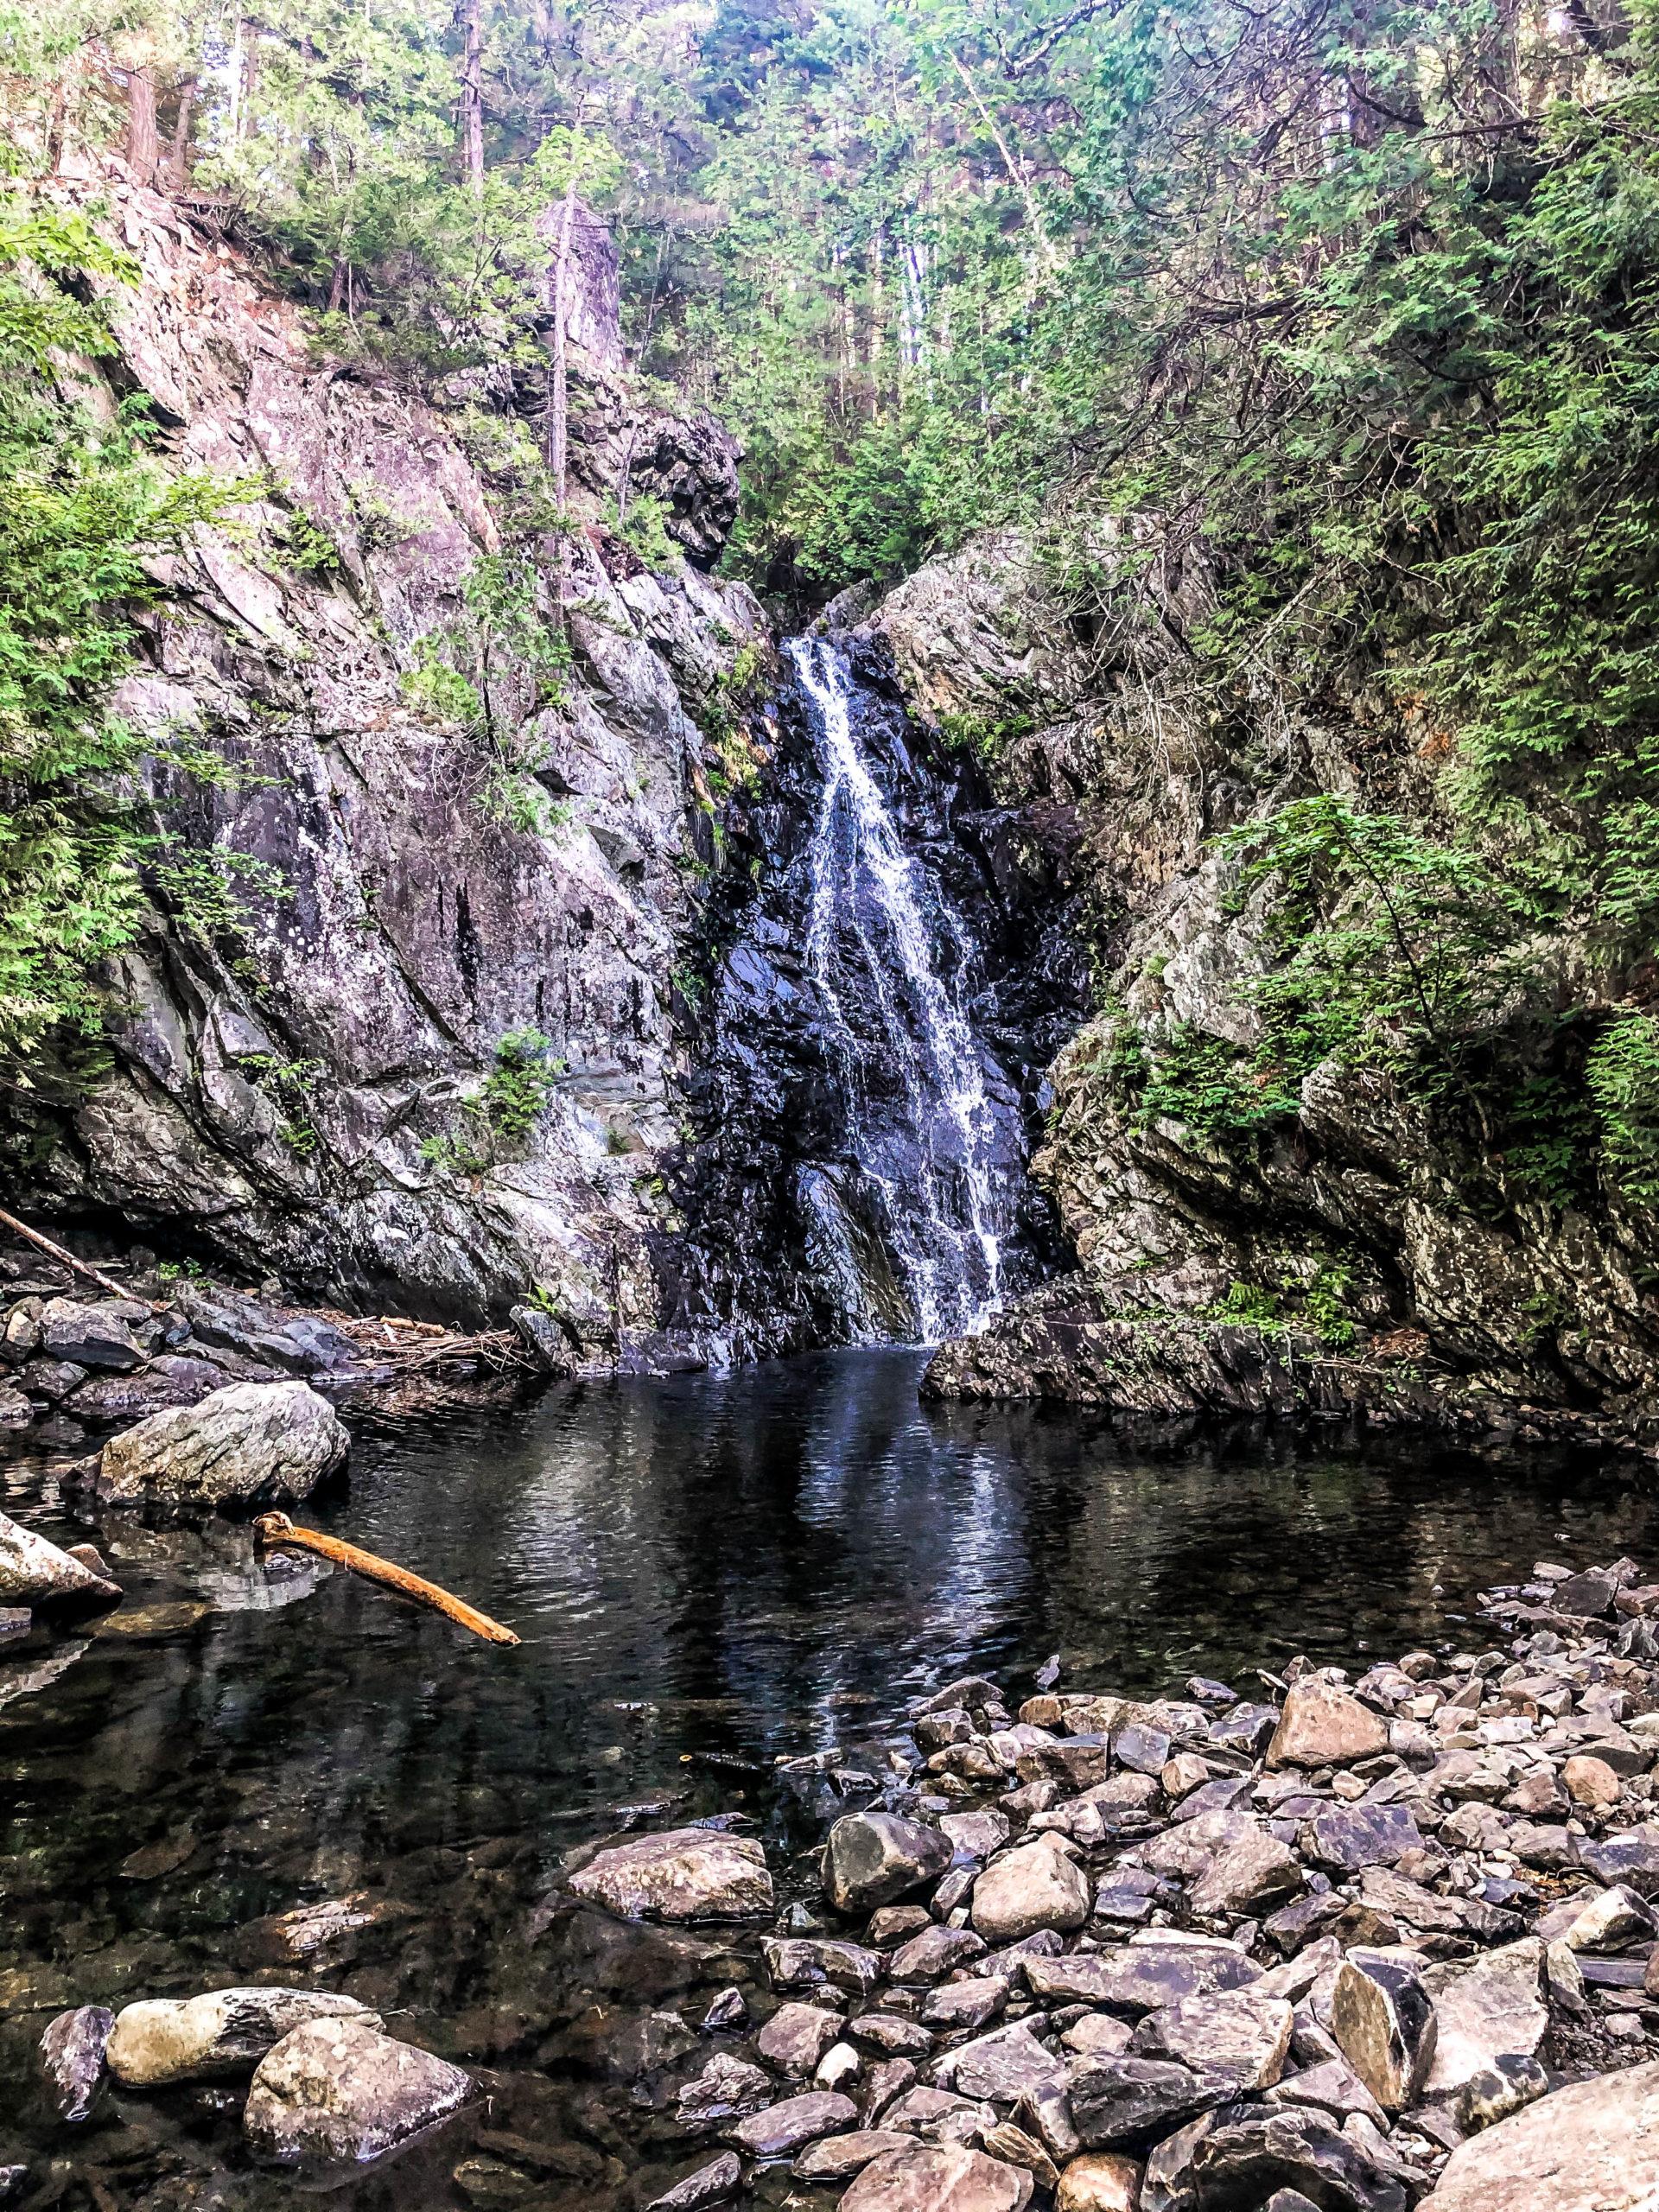 Upper Poplar Falls